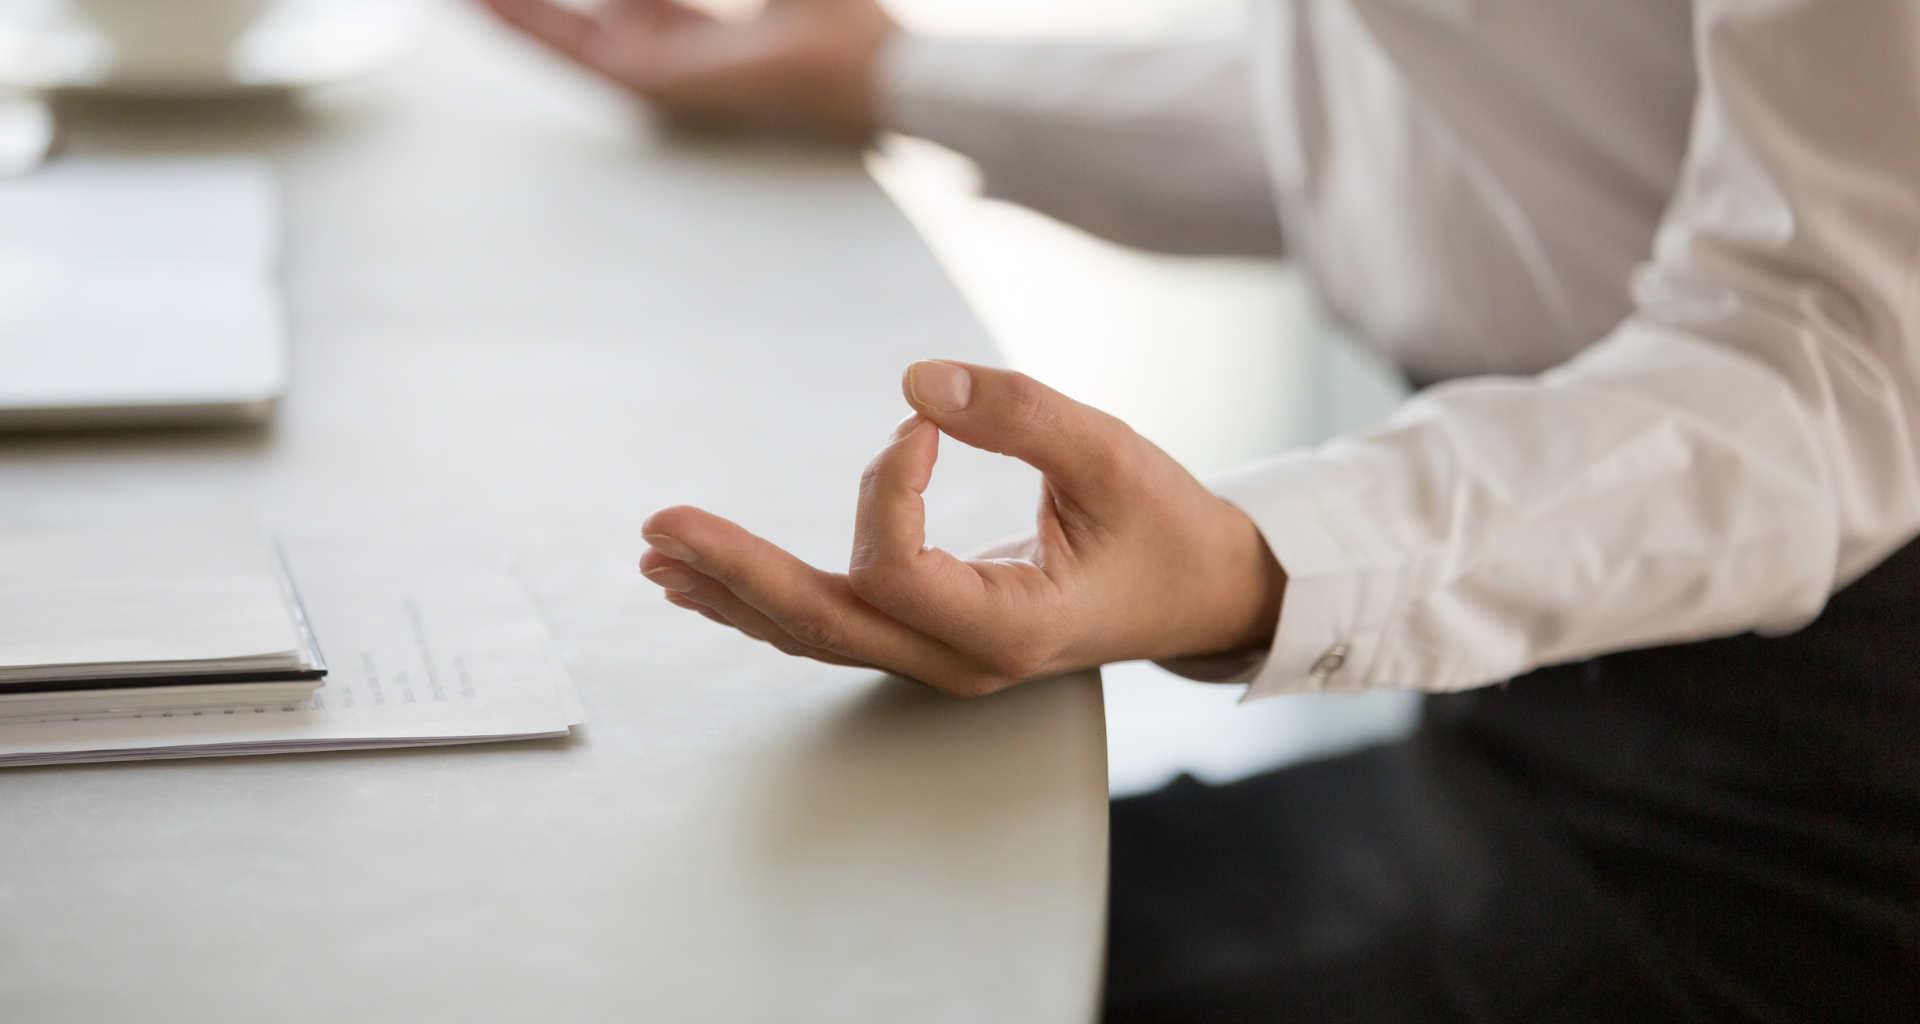 Iščete ponudnika za zdravje na delovnem mestu? Pomagali vam bomo najti pravega ponudnika za zdravje na delovnem mestu